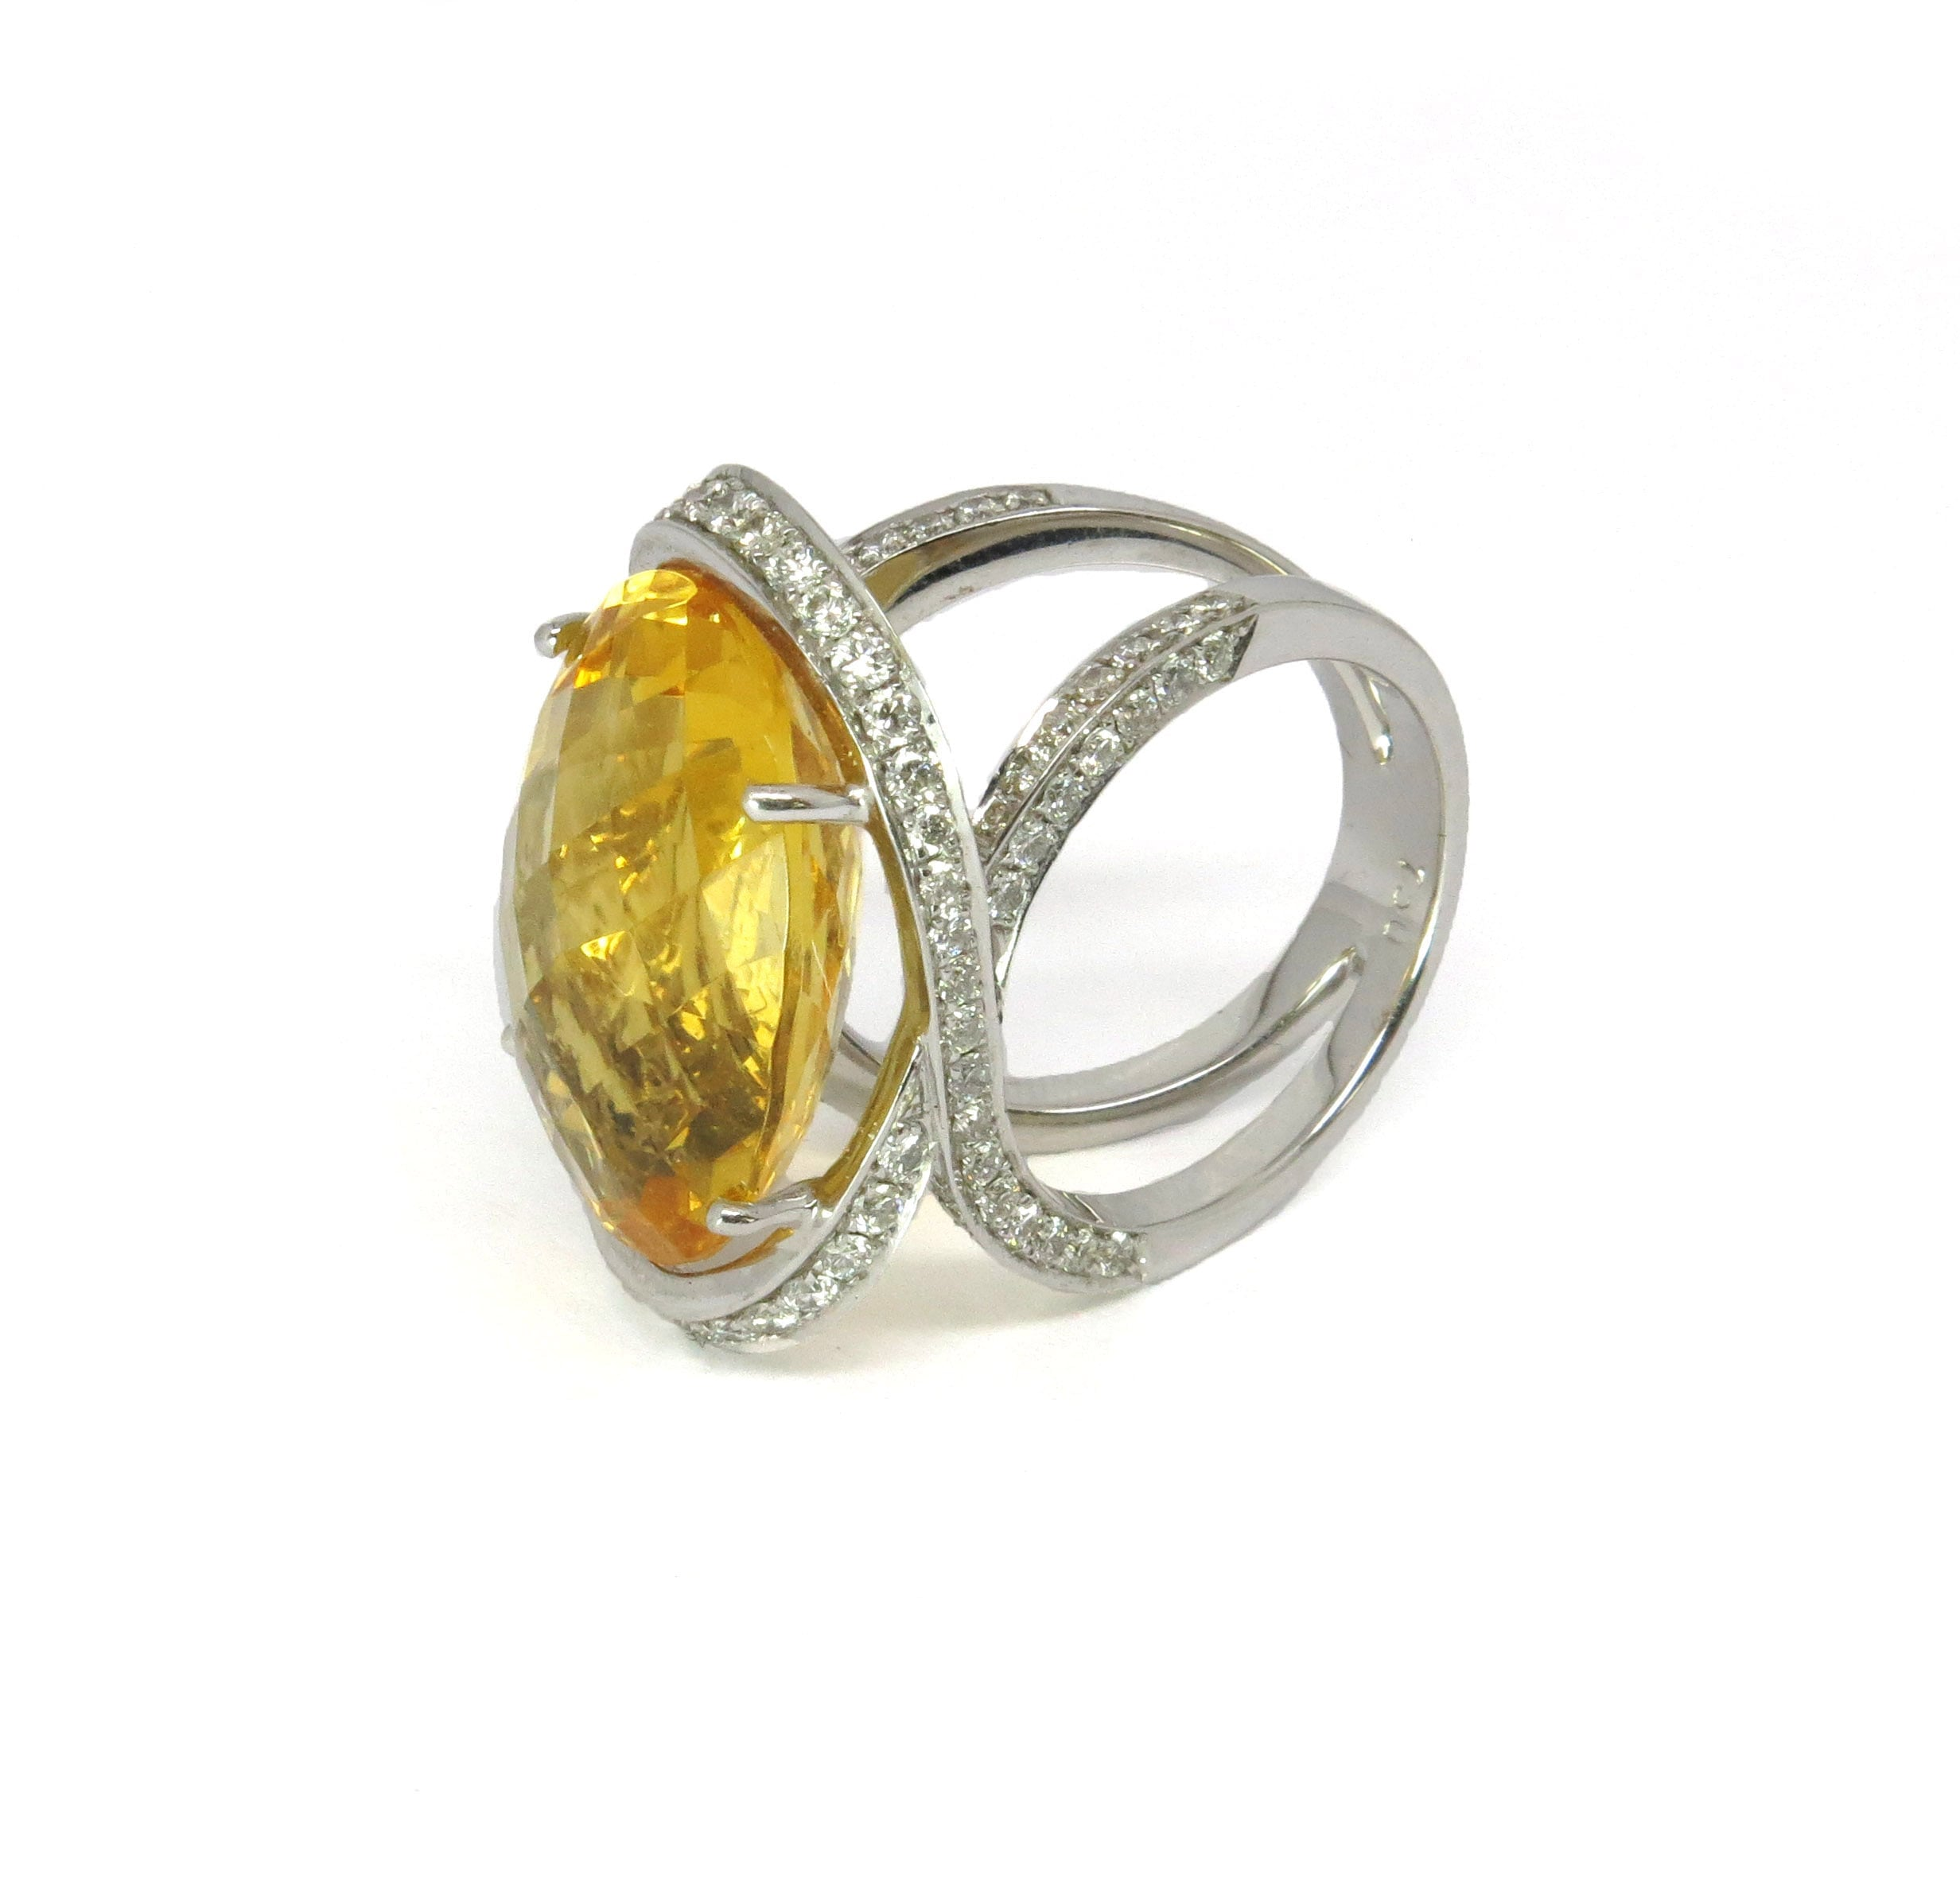 טבעת סיטרין צהוב ויהלומים מעוצבת בזהב לבן 18 קאראט